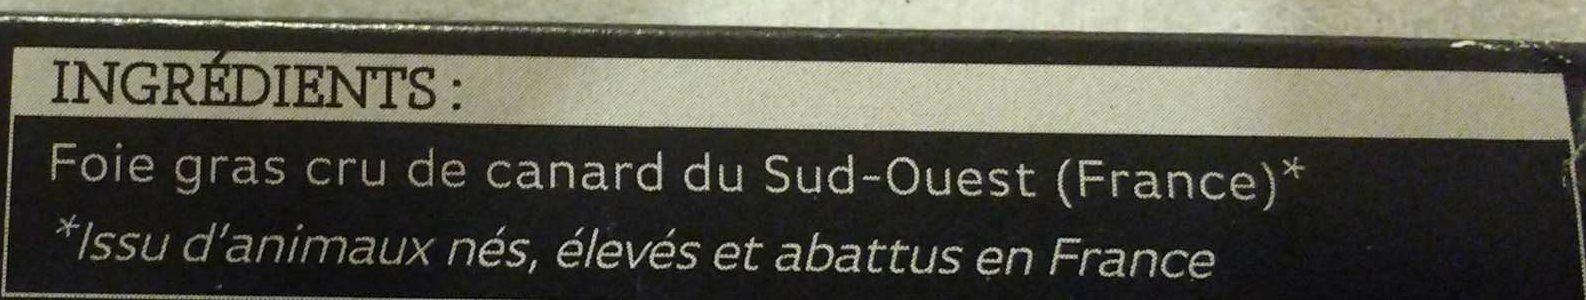 Foie Gras Cru de Canard Du Sud-Ouest - Ingrédients